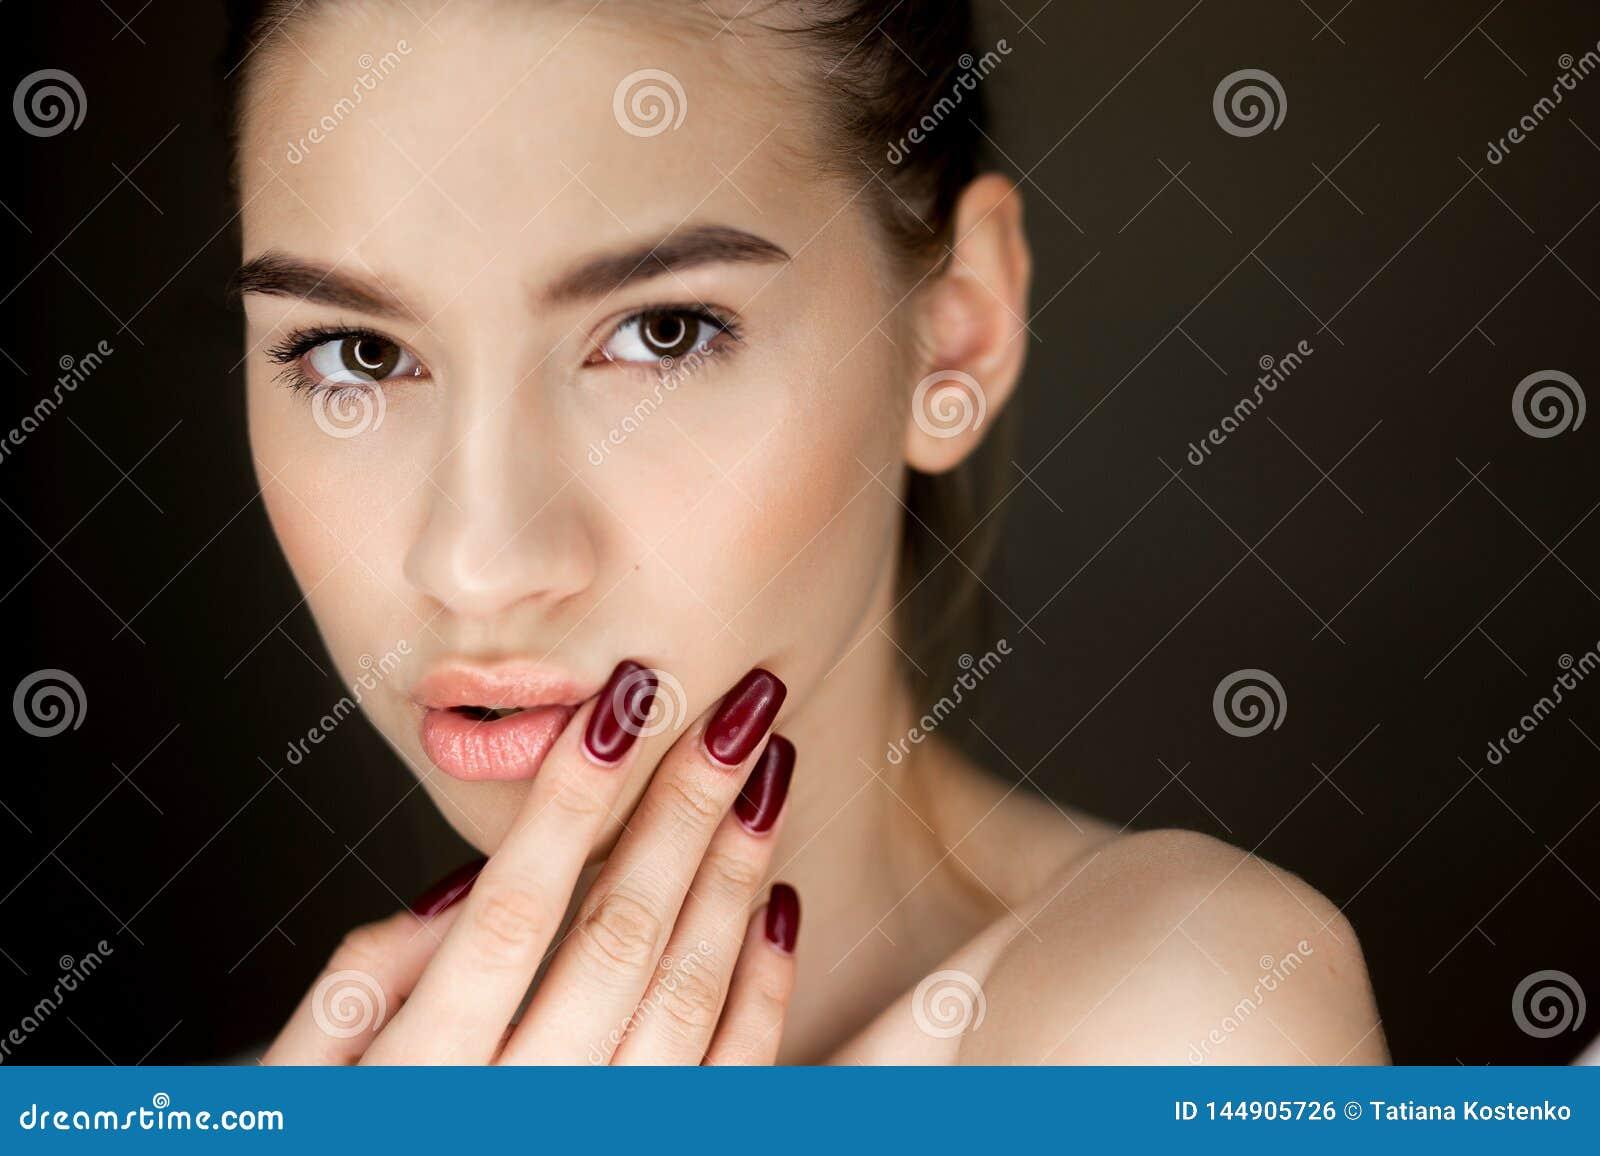 Retrato de la muchacha morena joven con el maquillaje natural que se sostiene los fingeres en su cara